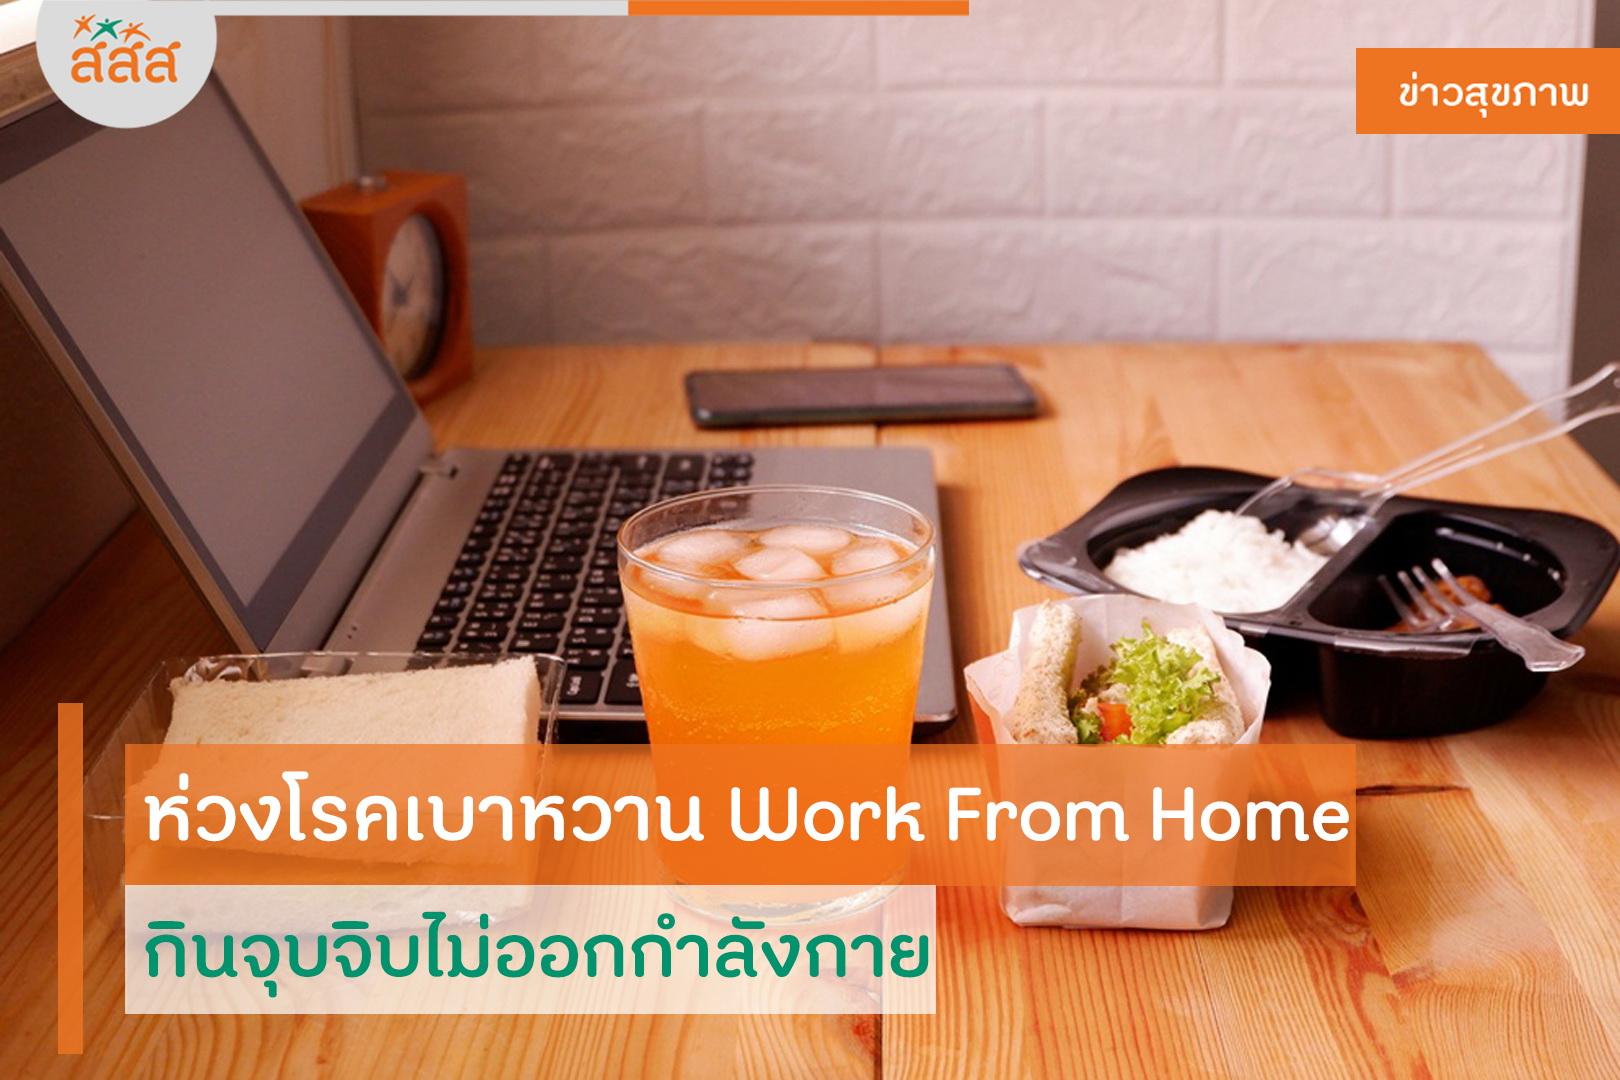 ห่วงโรคเบาหวาน Work From Home กินจุบจิบไม่ออกกำลังกาย thaihealth